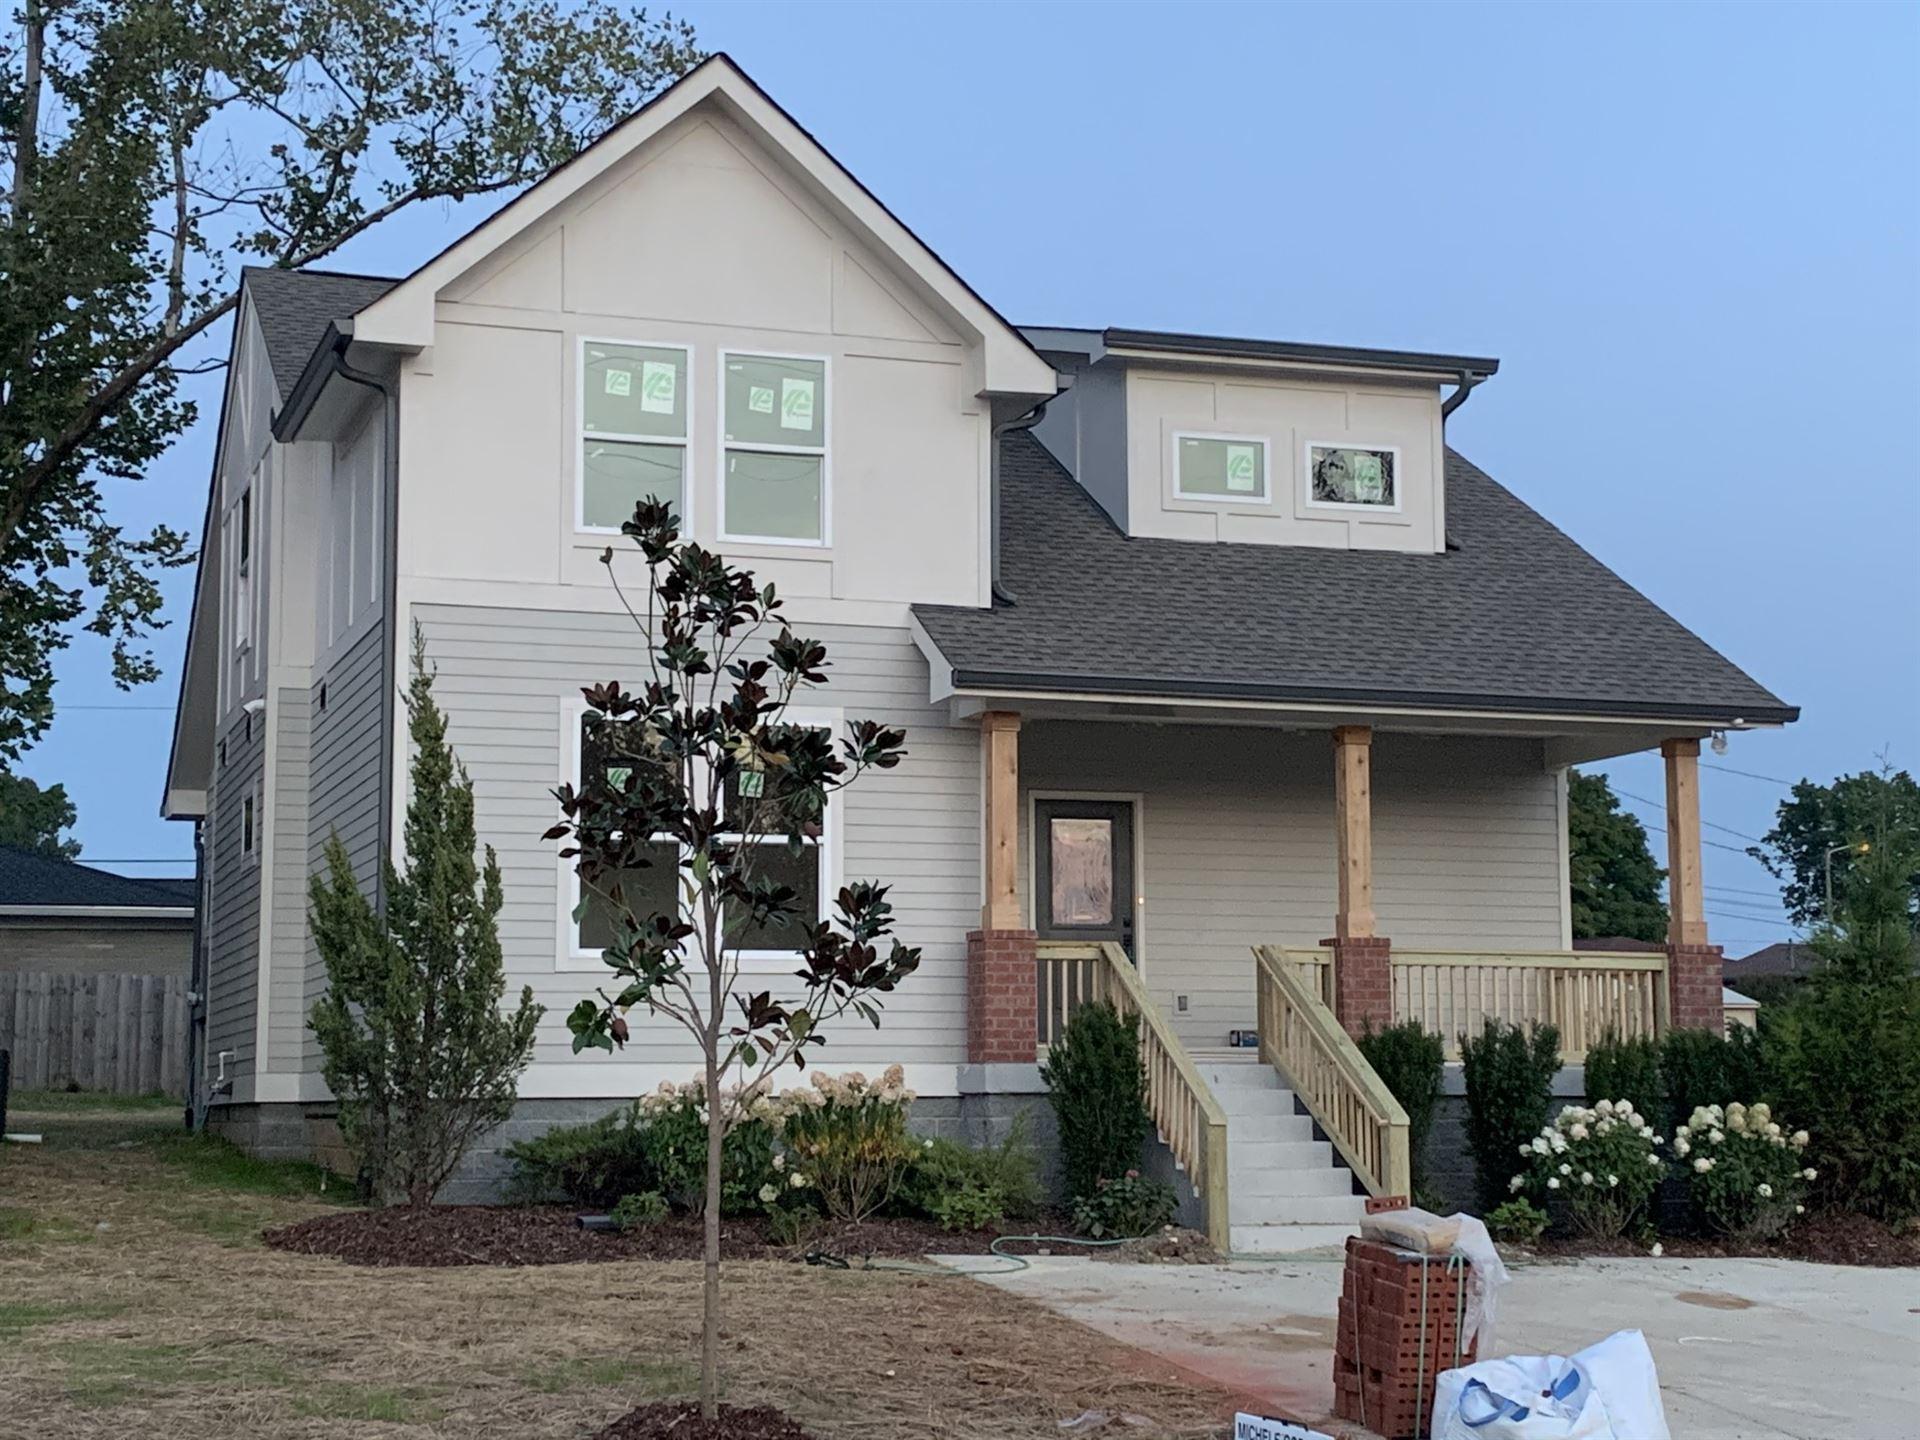 251 Riverside Dr, Nashville, TN 37206 - MLS#: 2283611